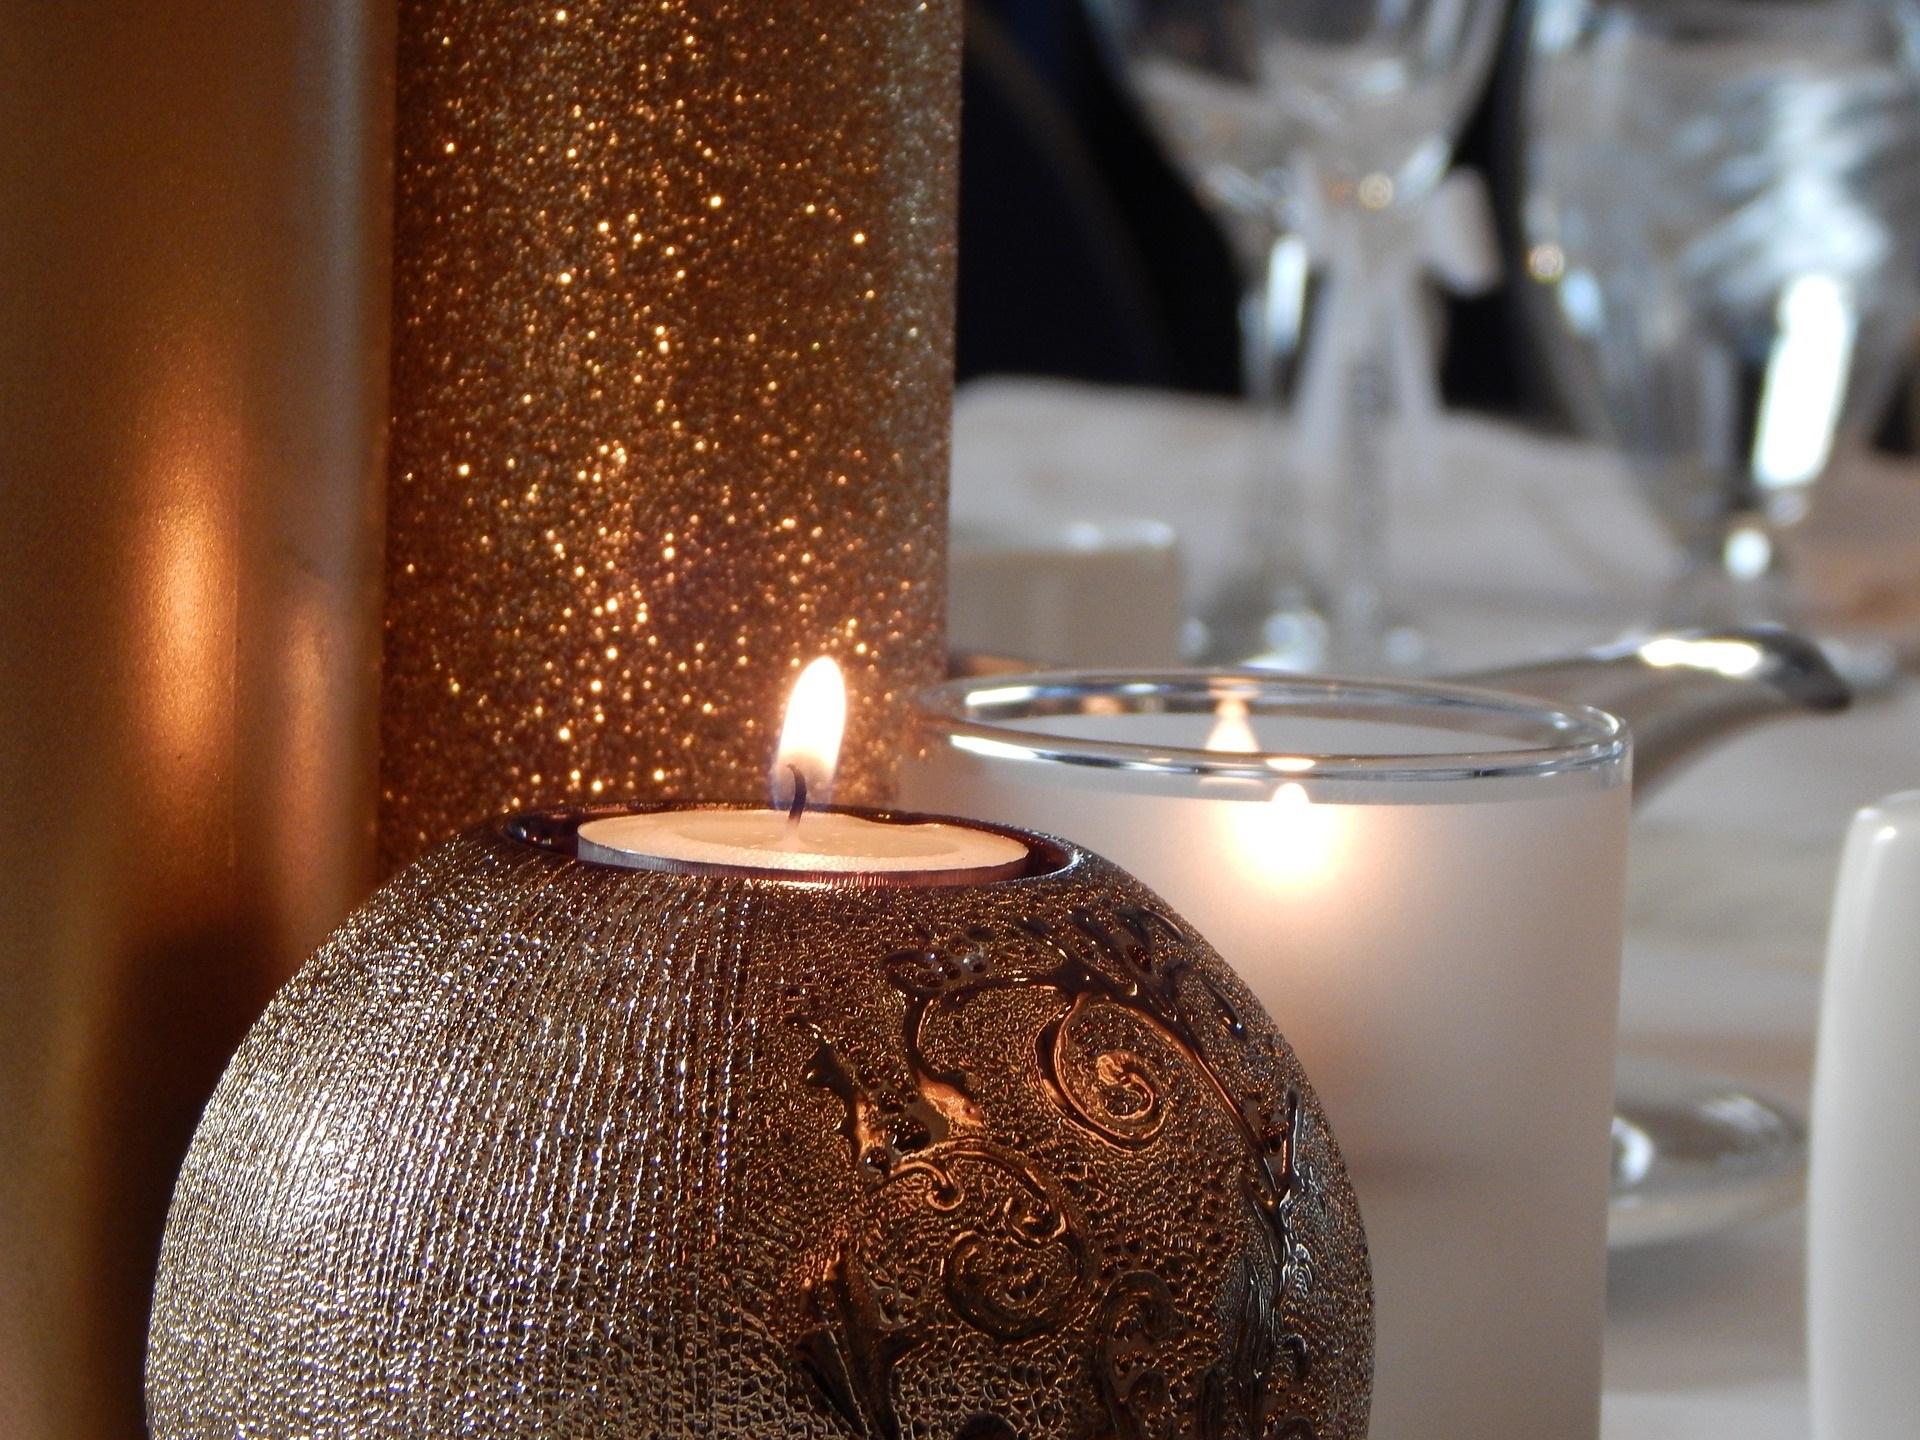 Kerzen, Glas, Spiegel - Hochzeitstrends 2019